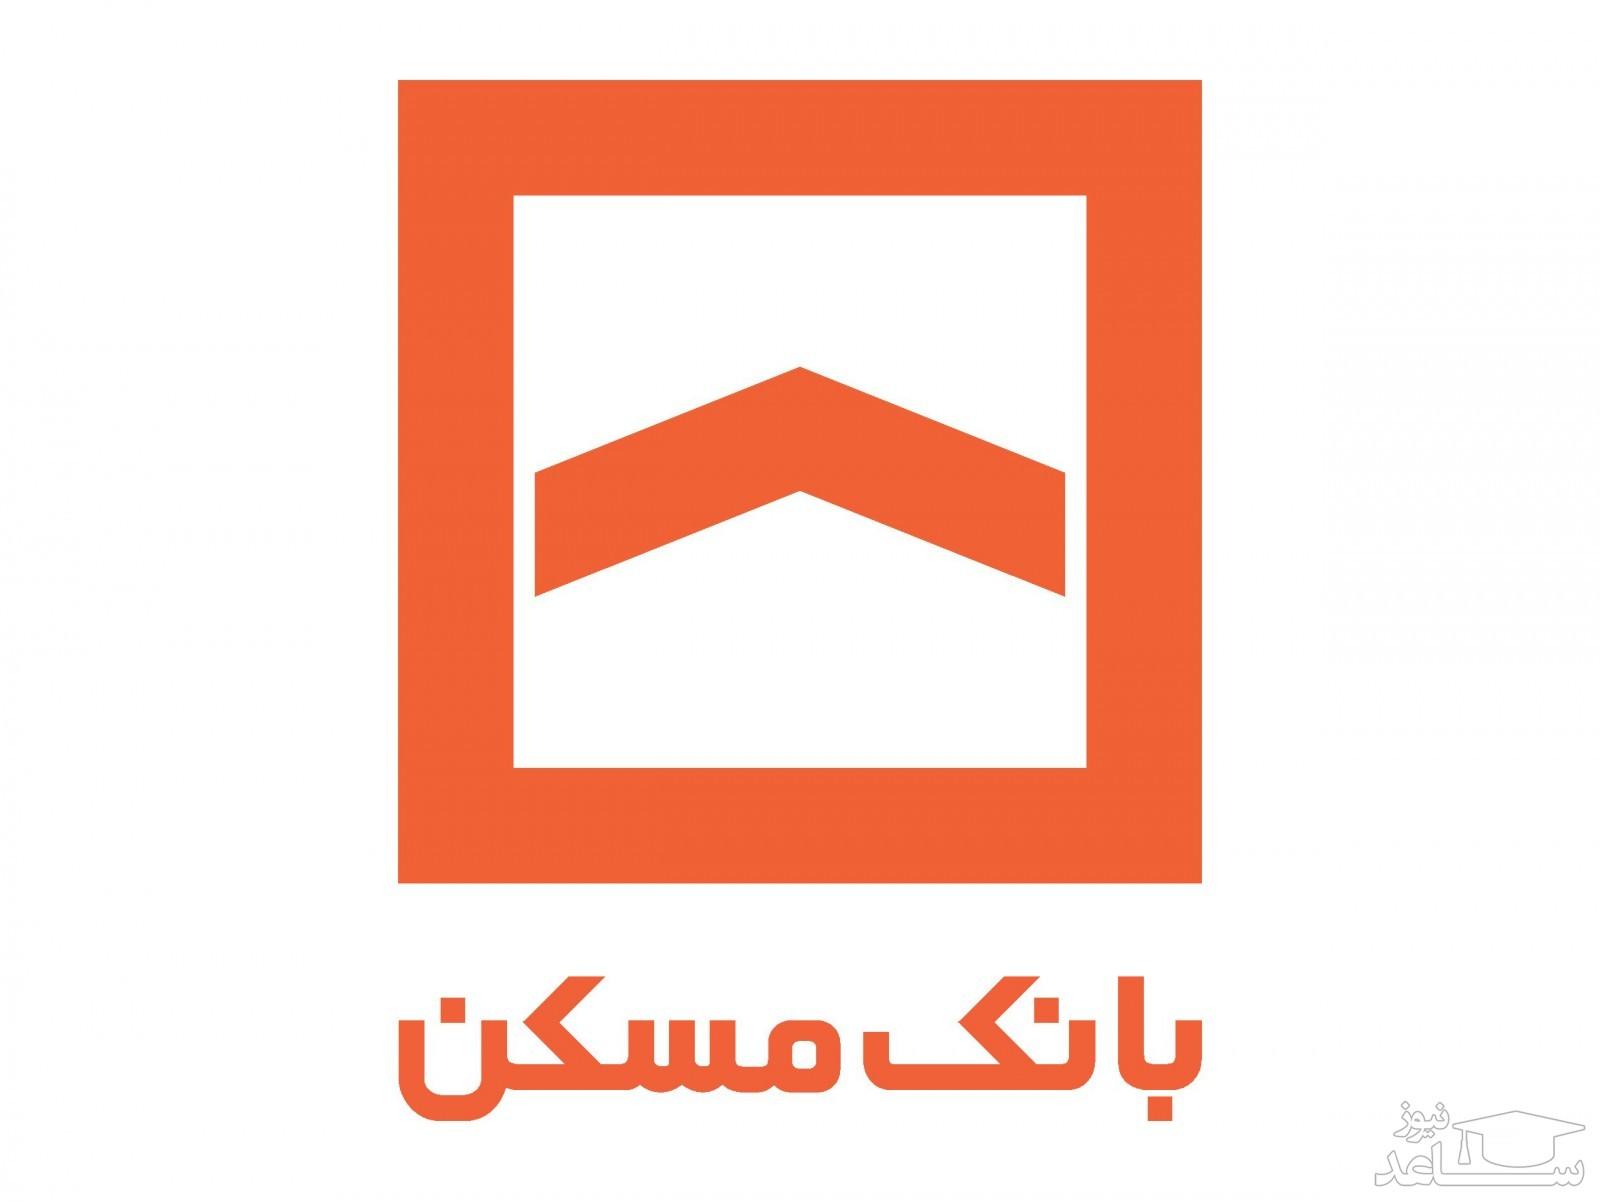 برداشت چندهزار میلیاردی بانک مسکن از مردم ایران